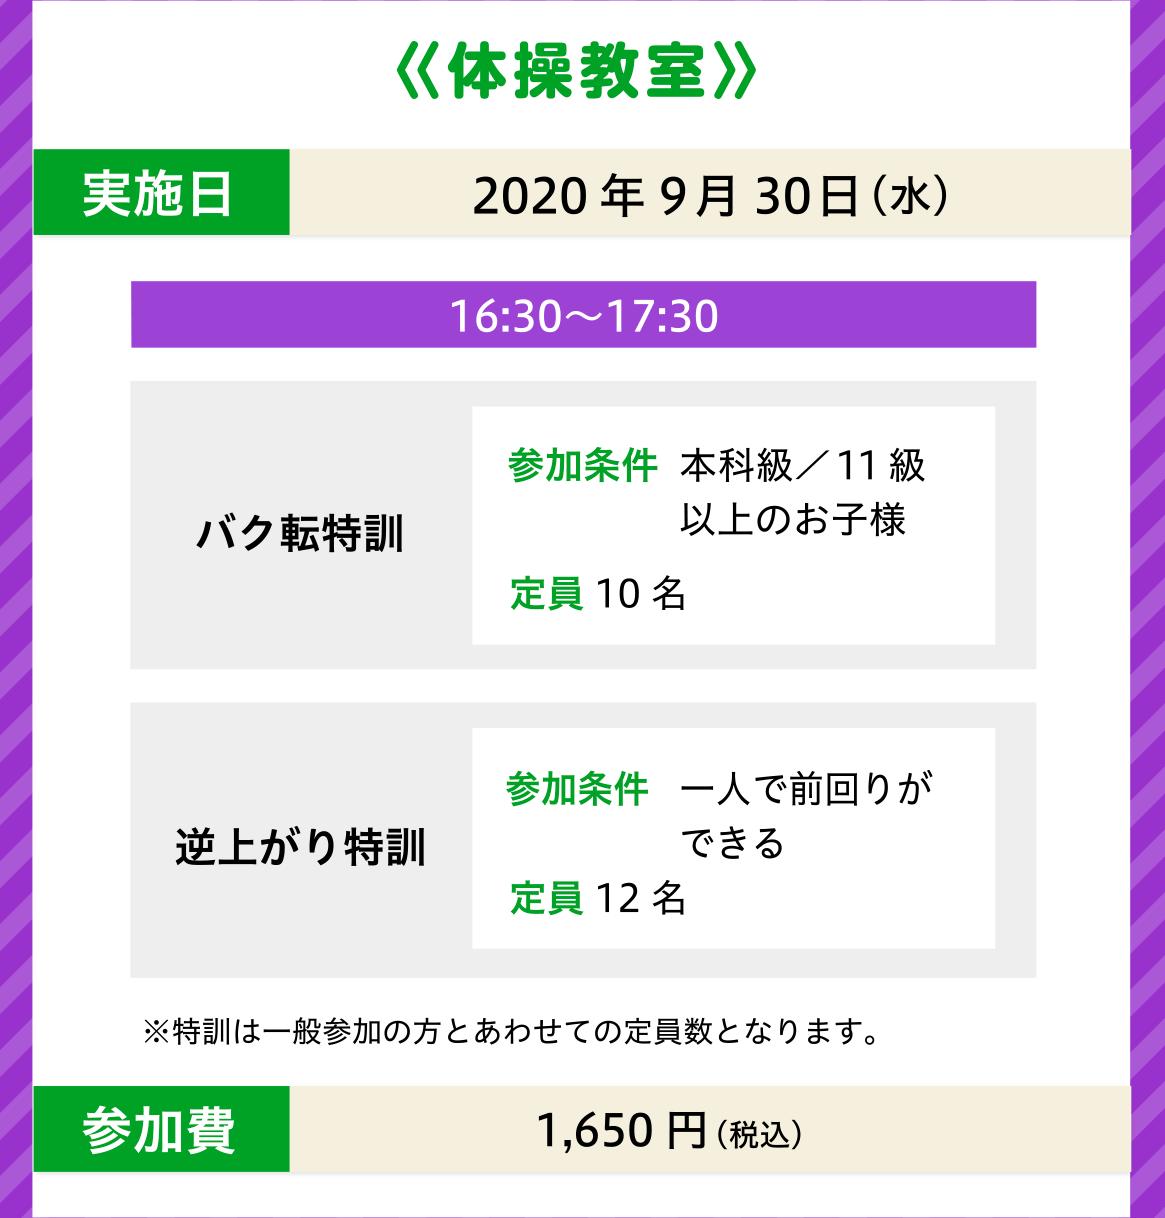 〈体操教室〉体験日:2020年9月30日(水)